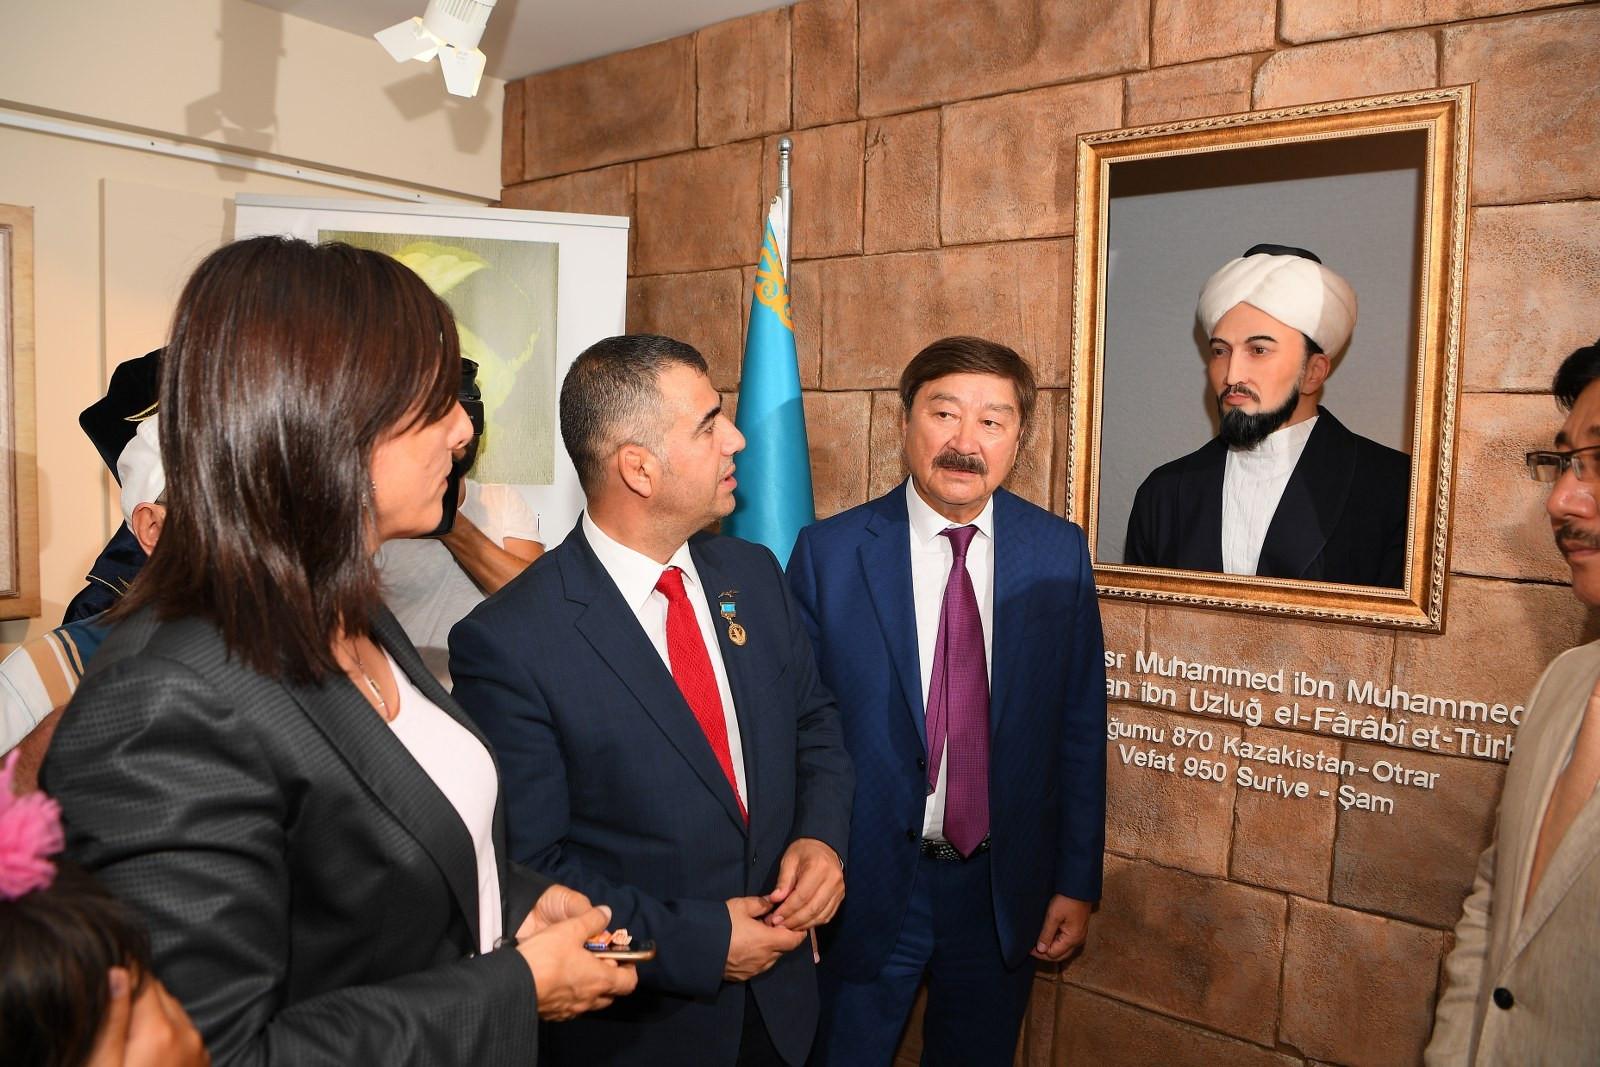 Ebu Nasr El Farabi Evi açıldı Galeri - 20. Resim